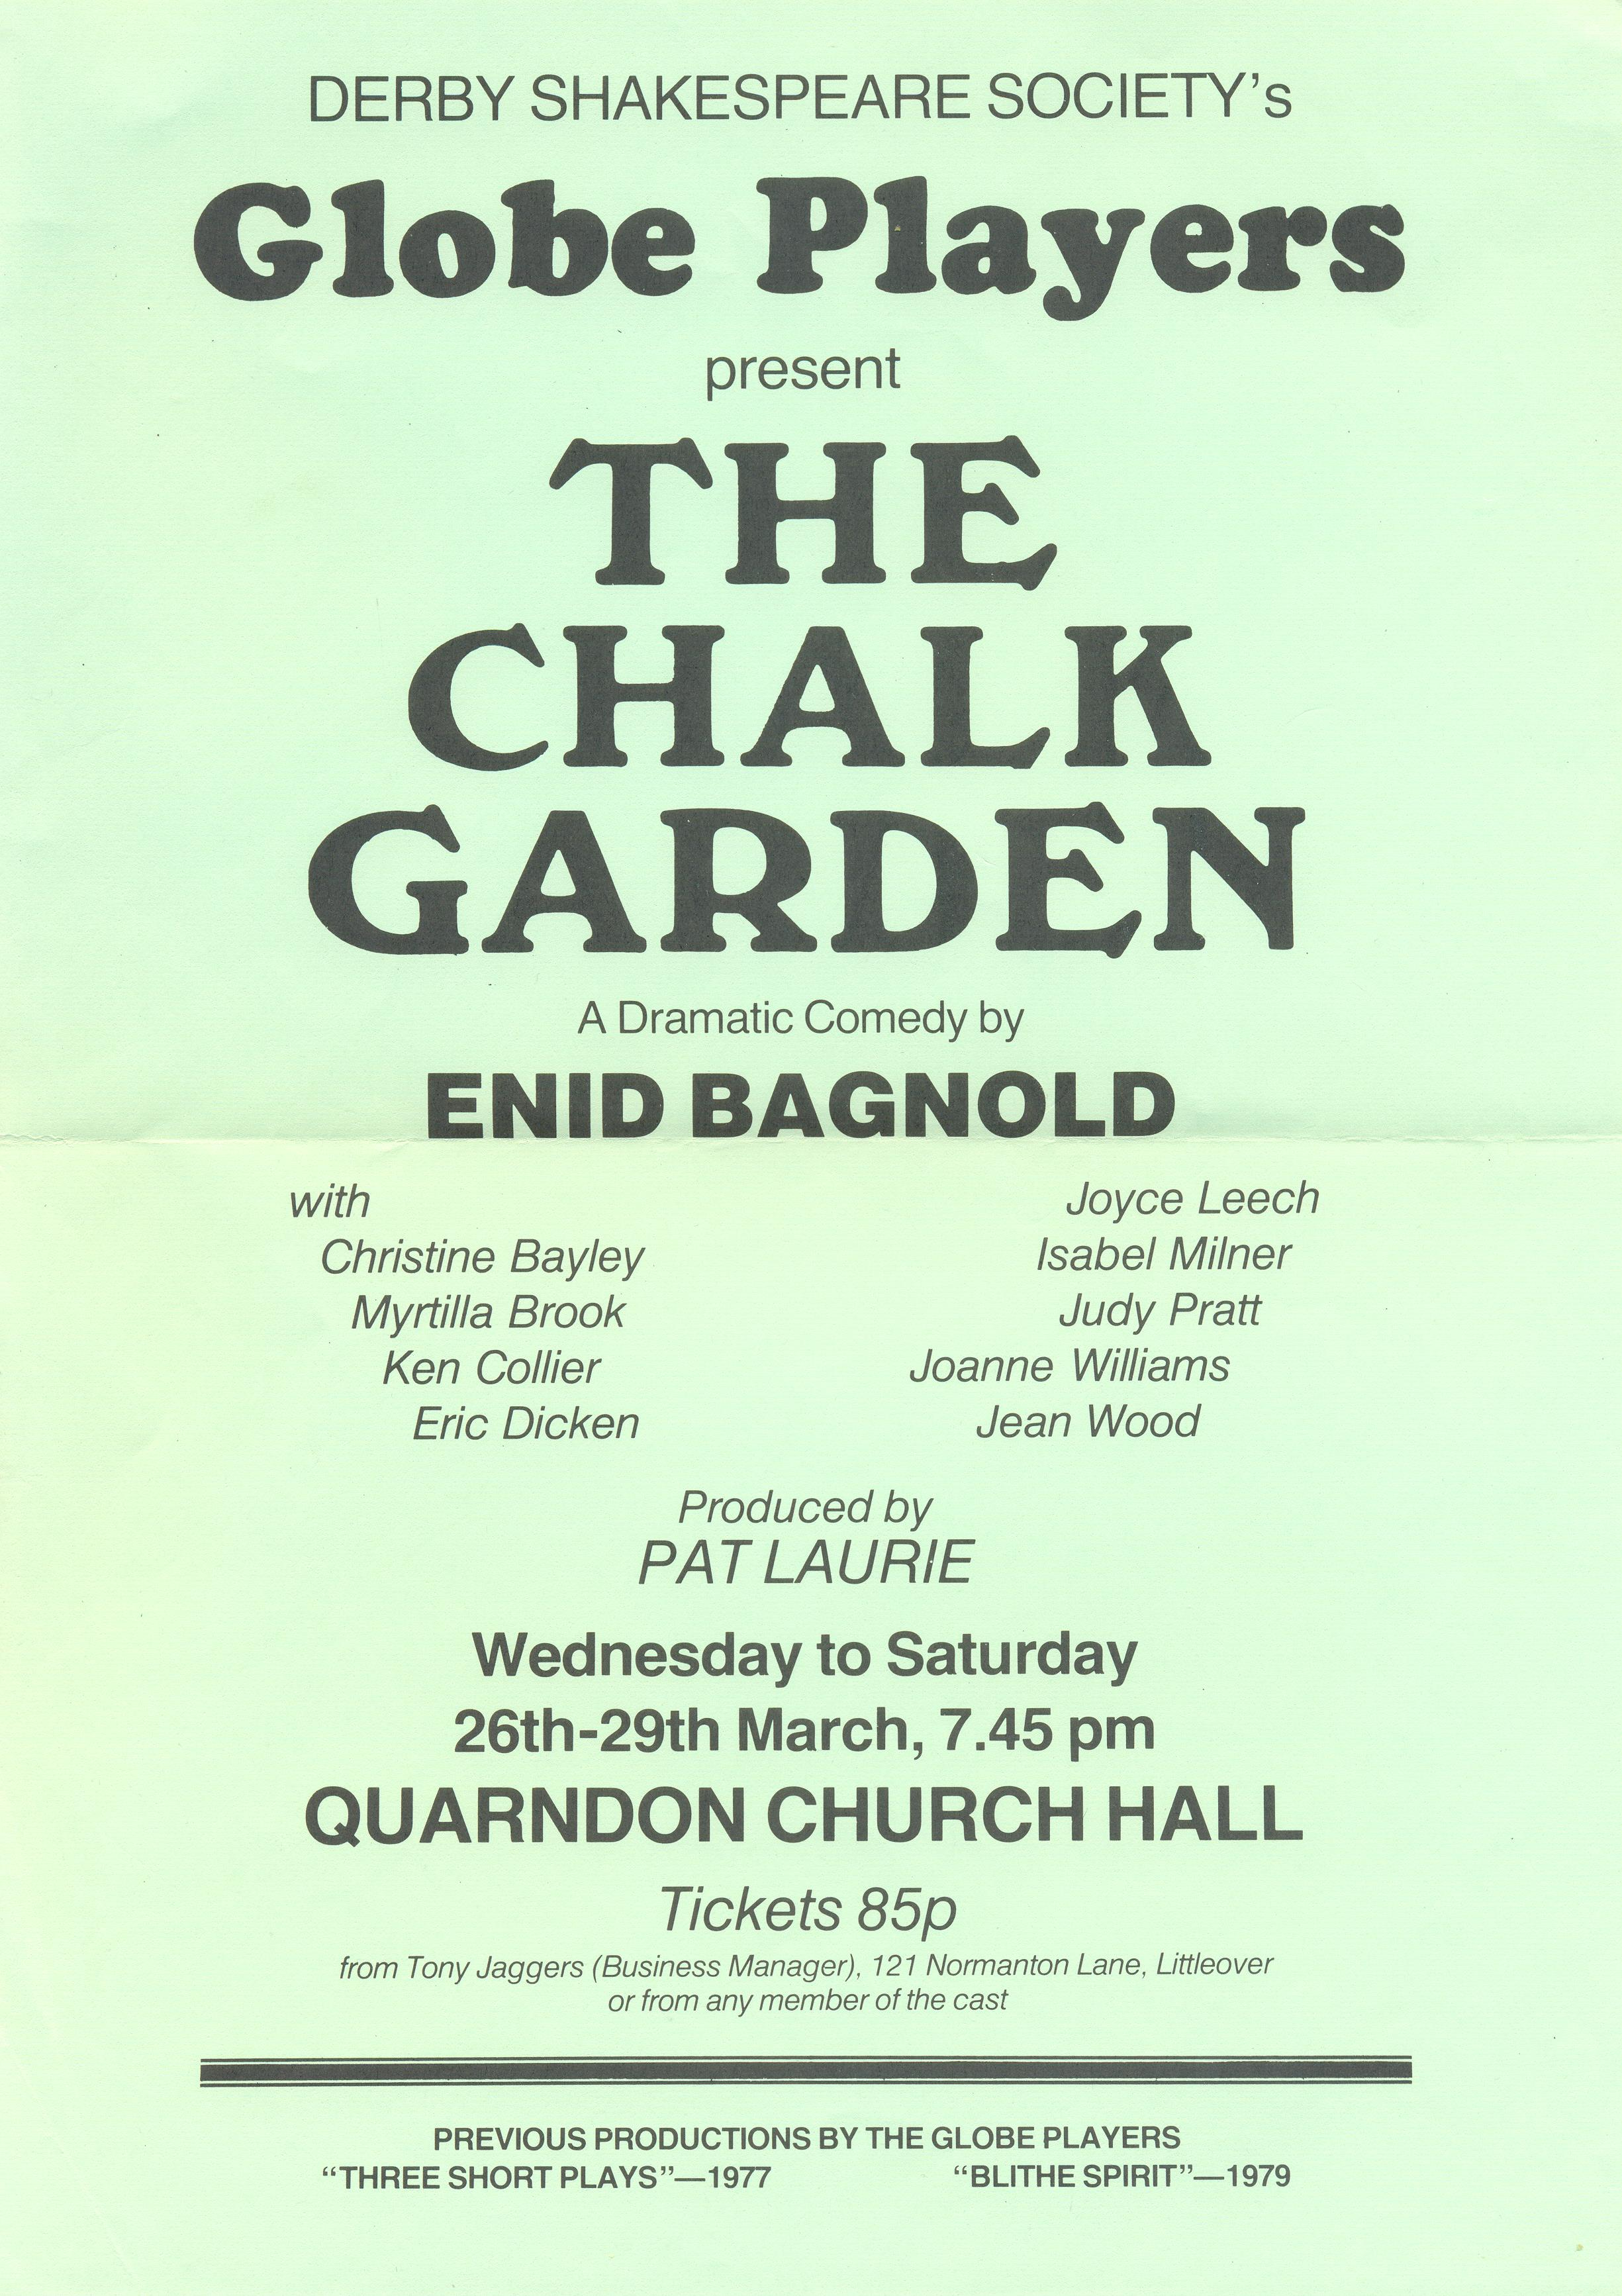 'The Chalk Garden' 1980